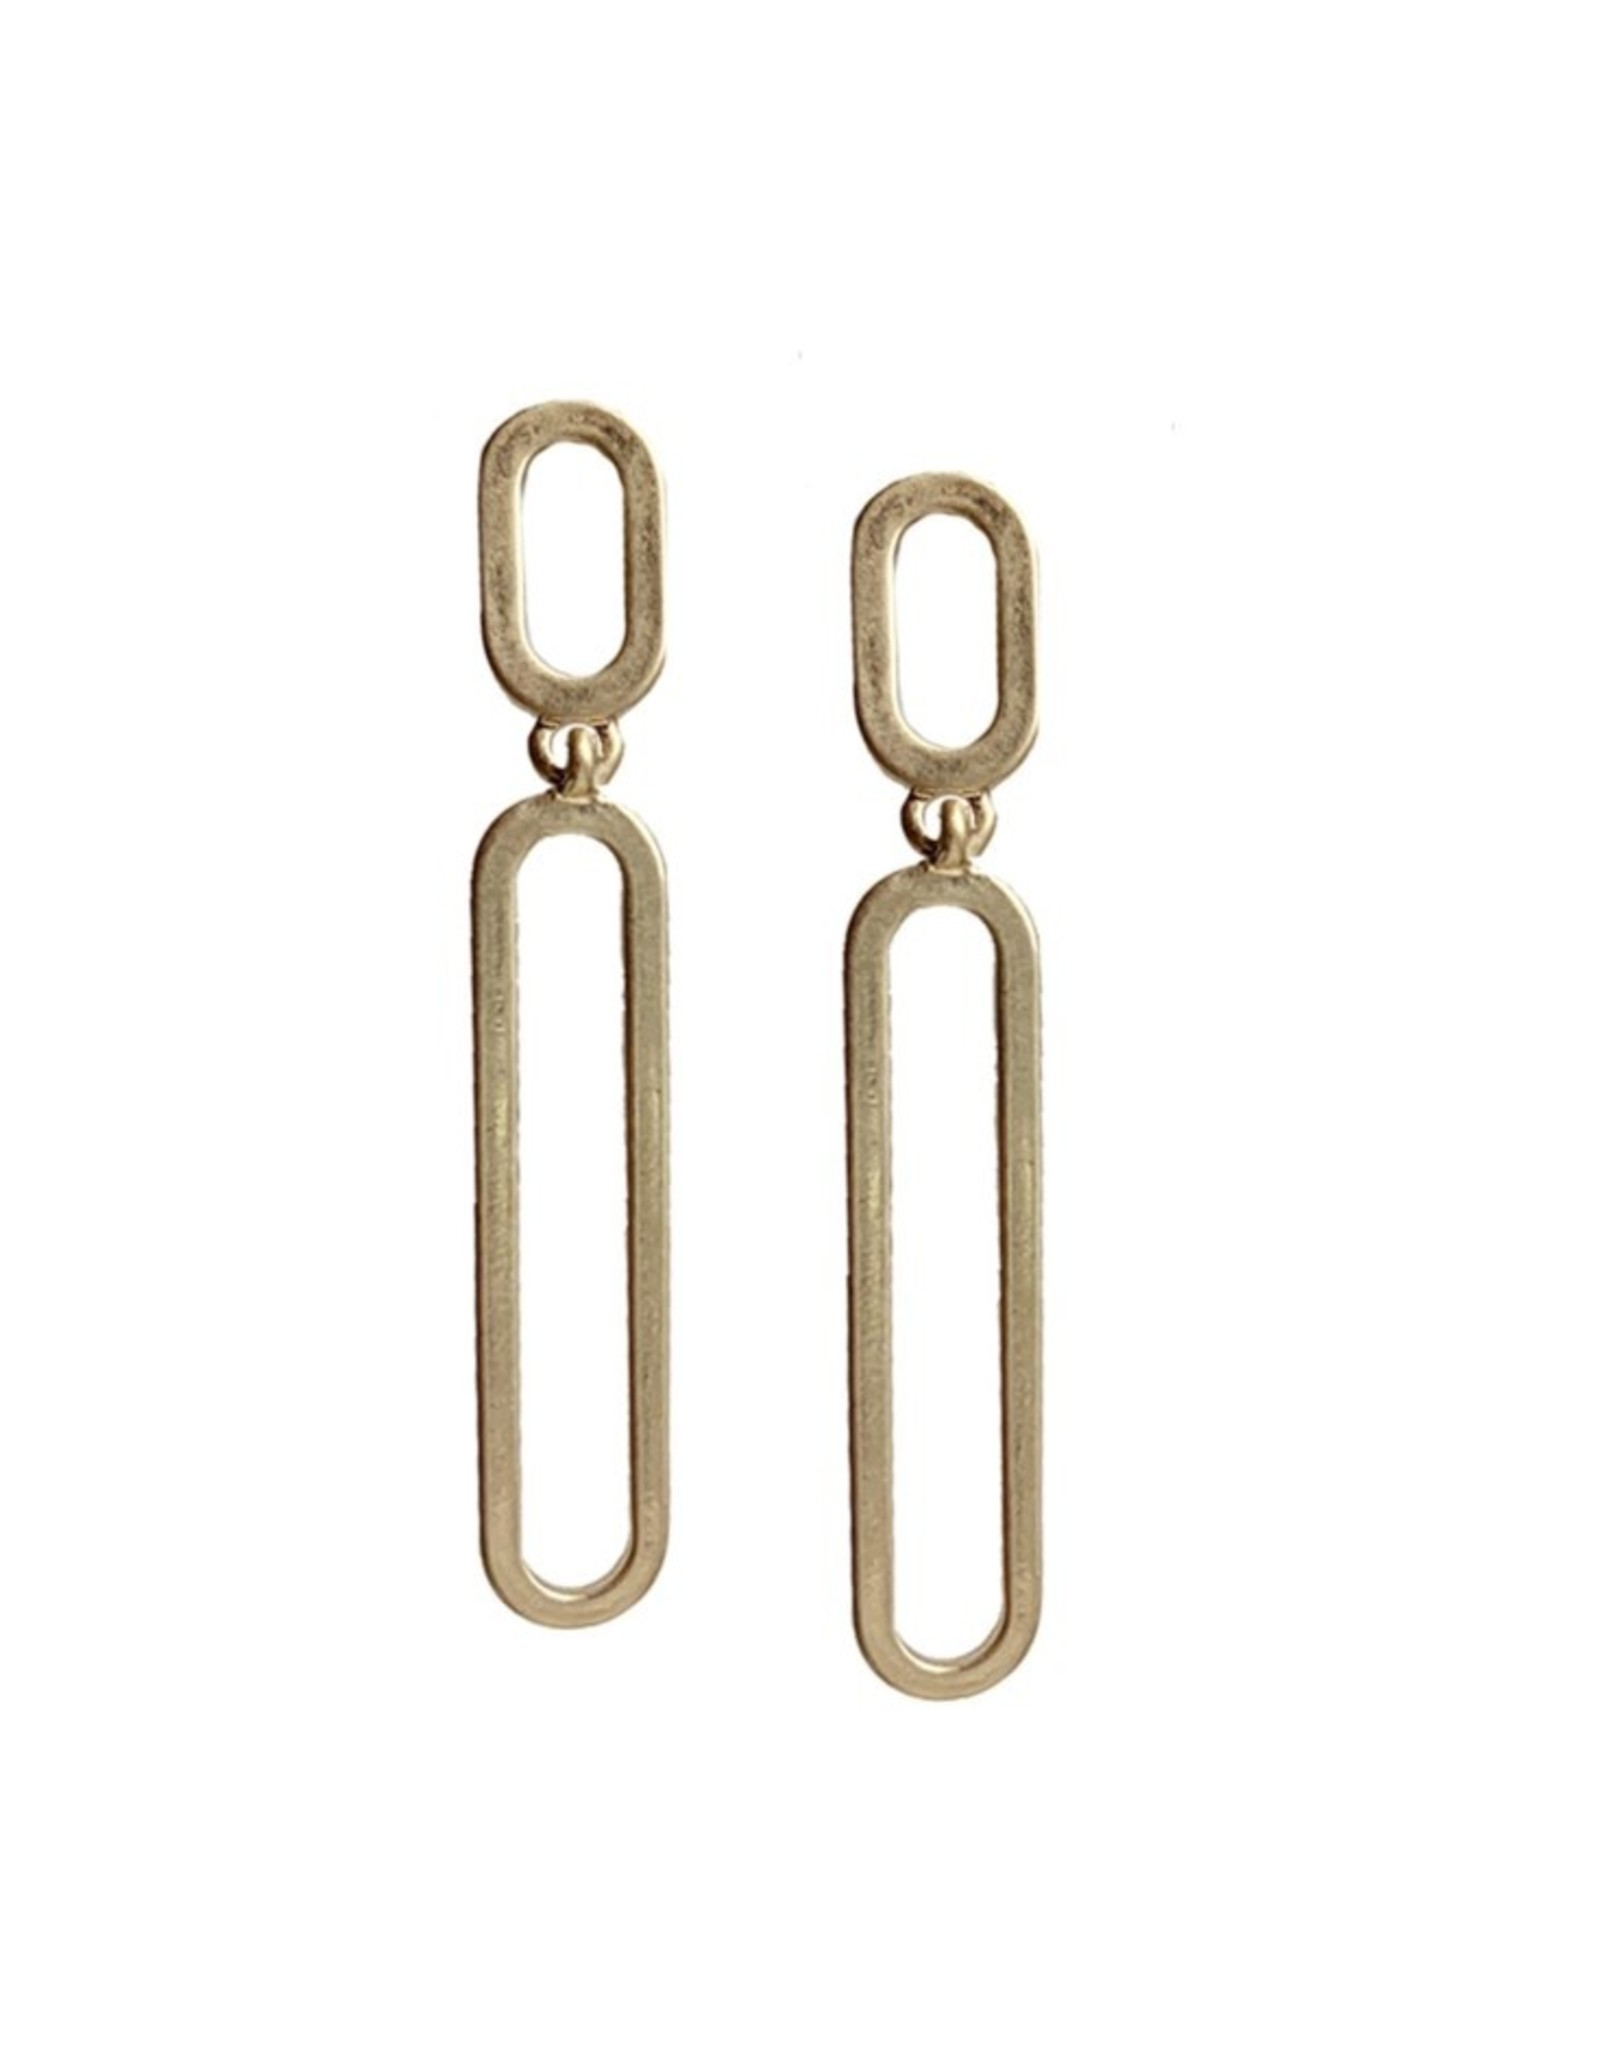 Boucles d'oreilles métalliques au fini usé-or